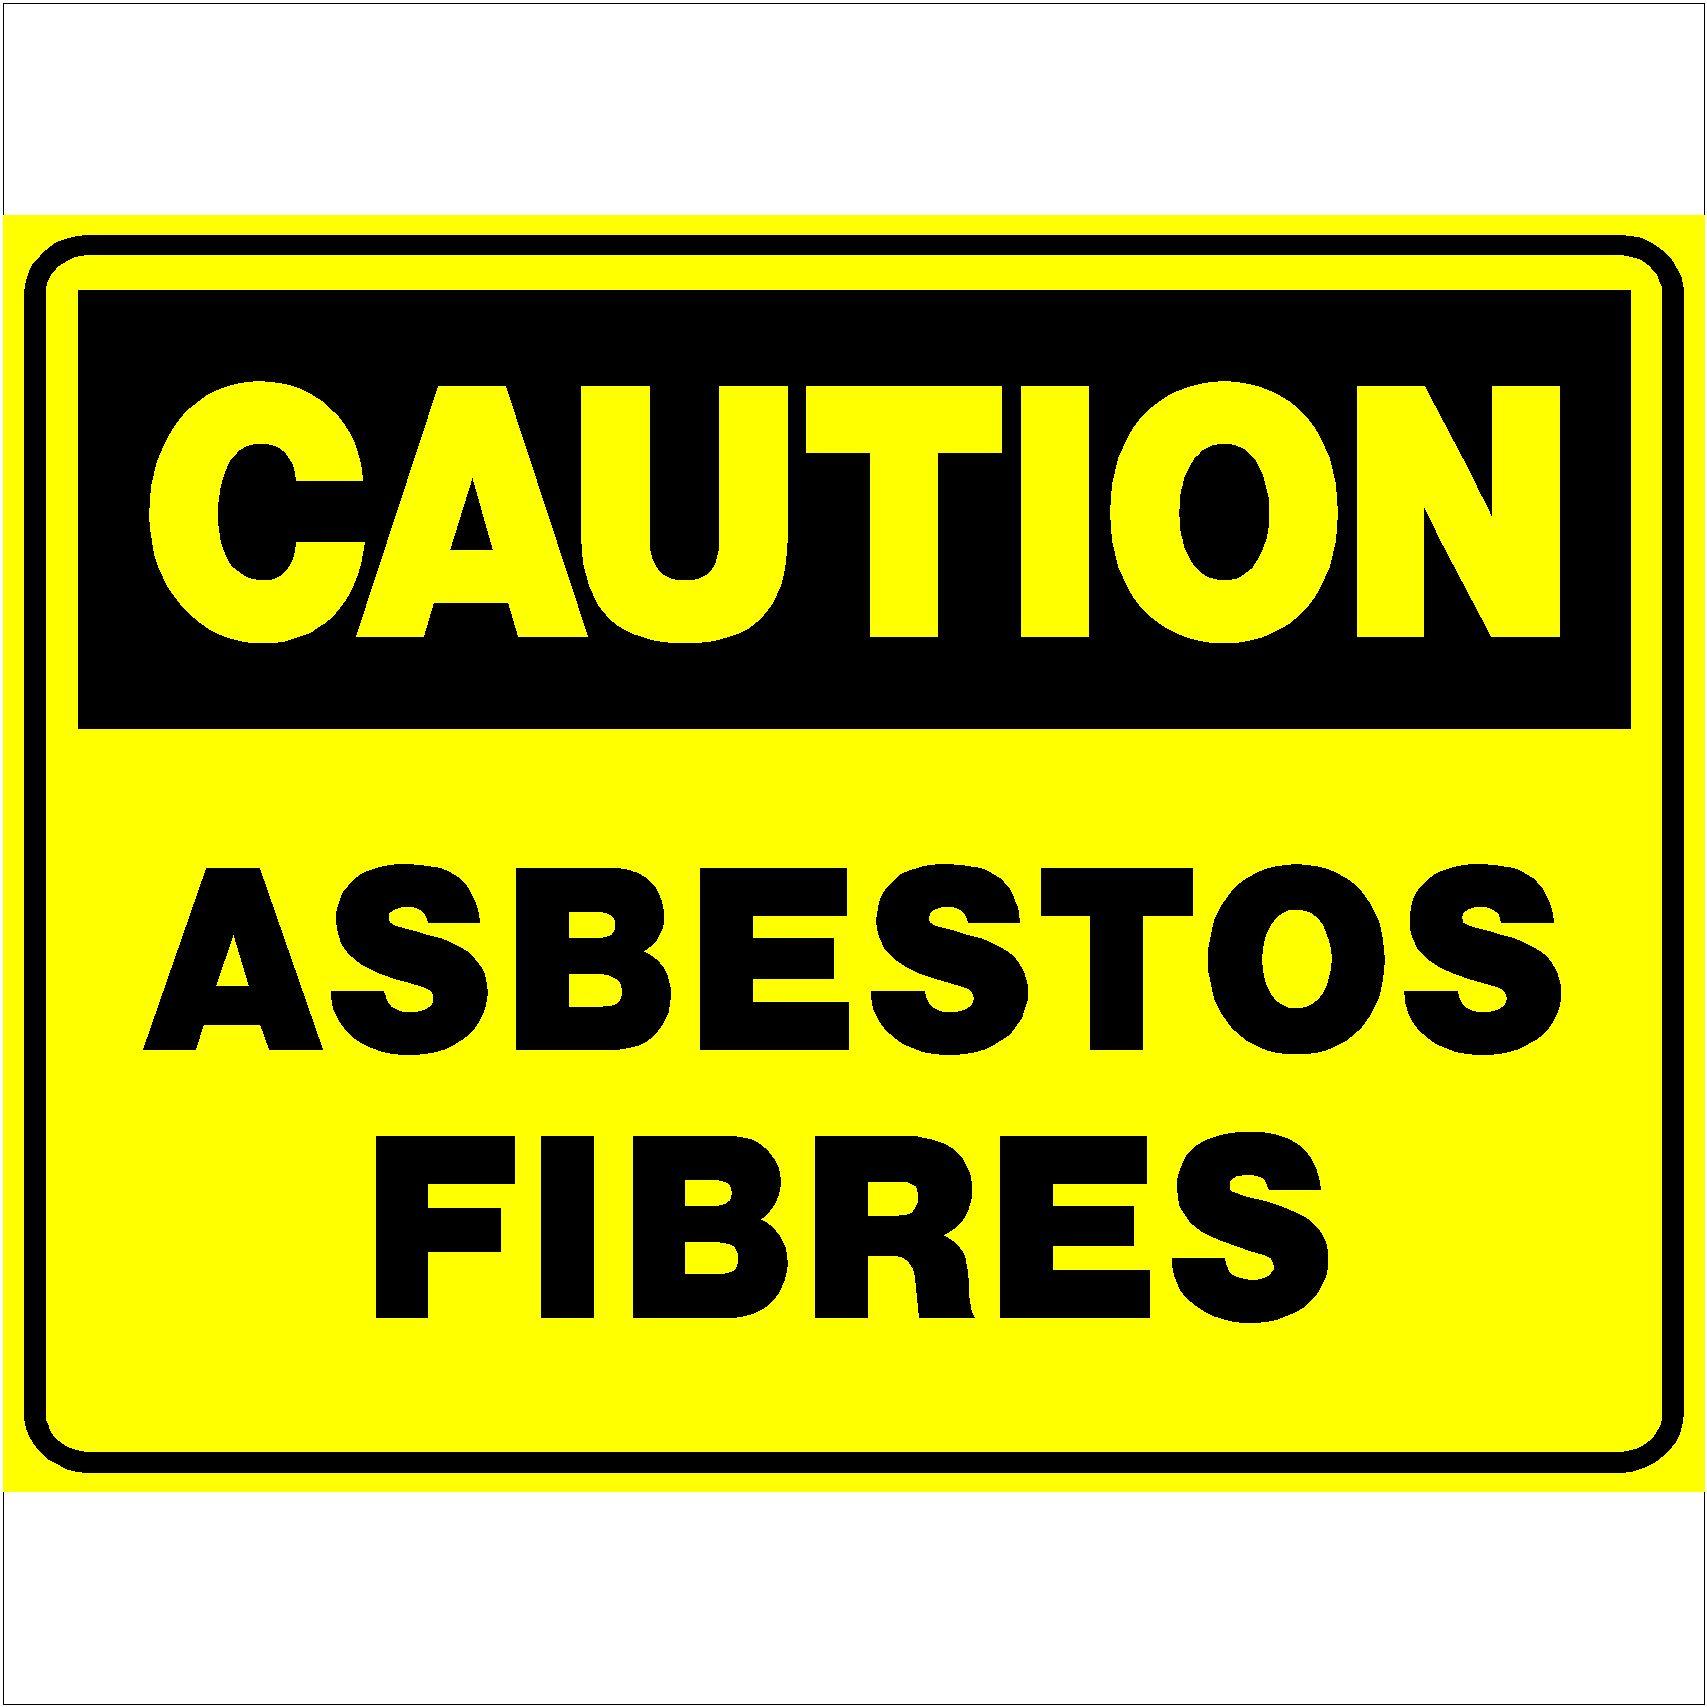 Caution Asbestos Fibers